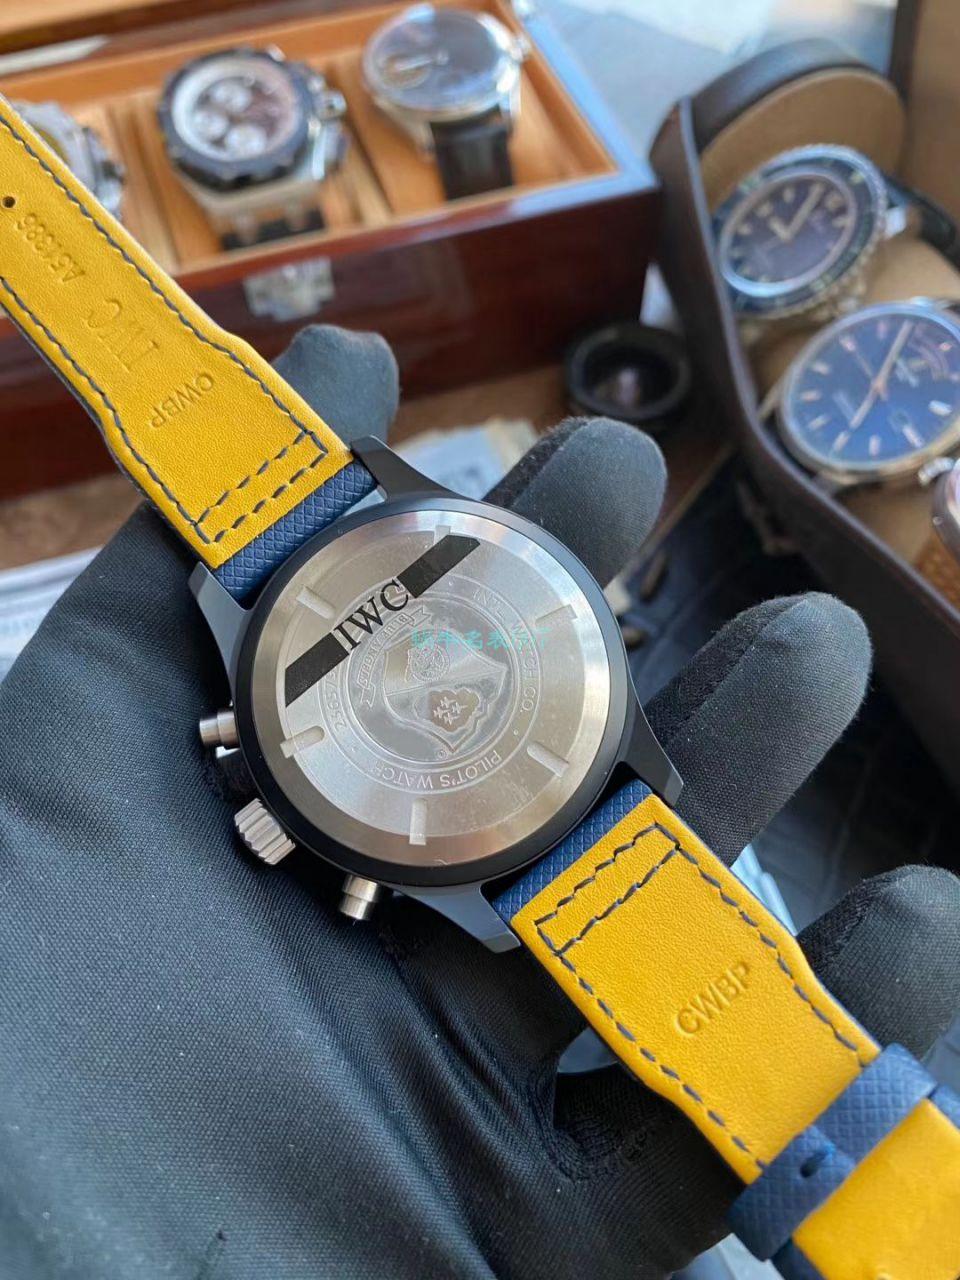 视频评测YL厂高仿手表万国飞行员系列IW389008腕表